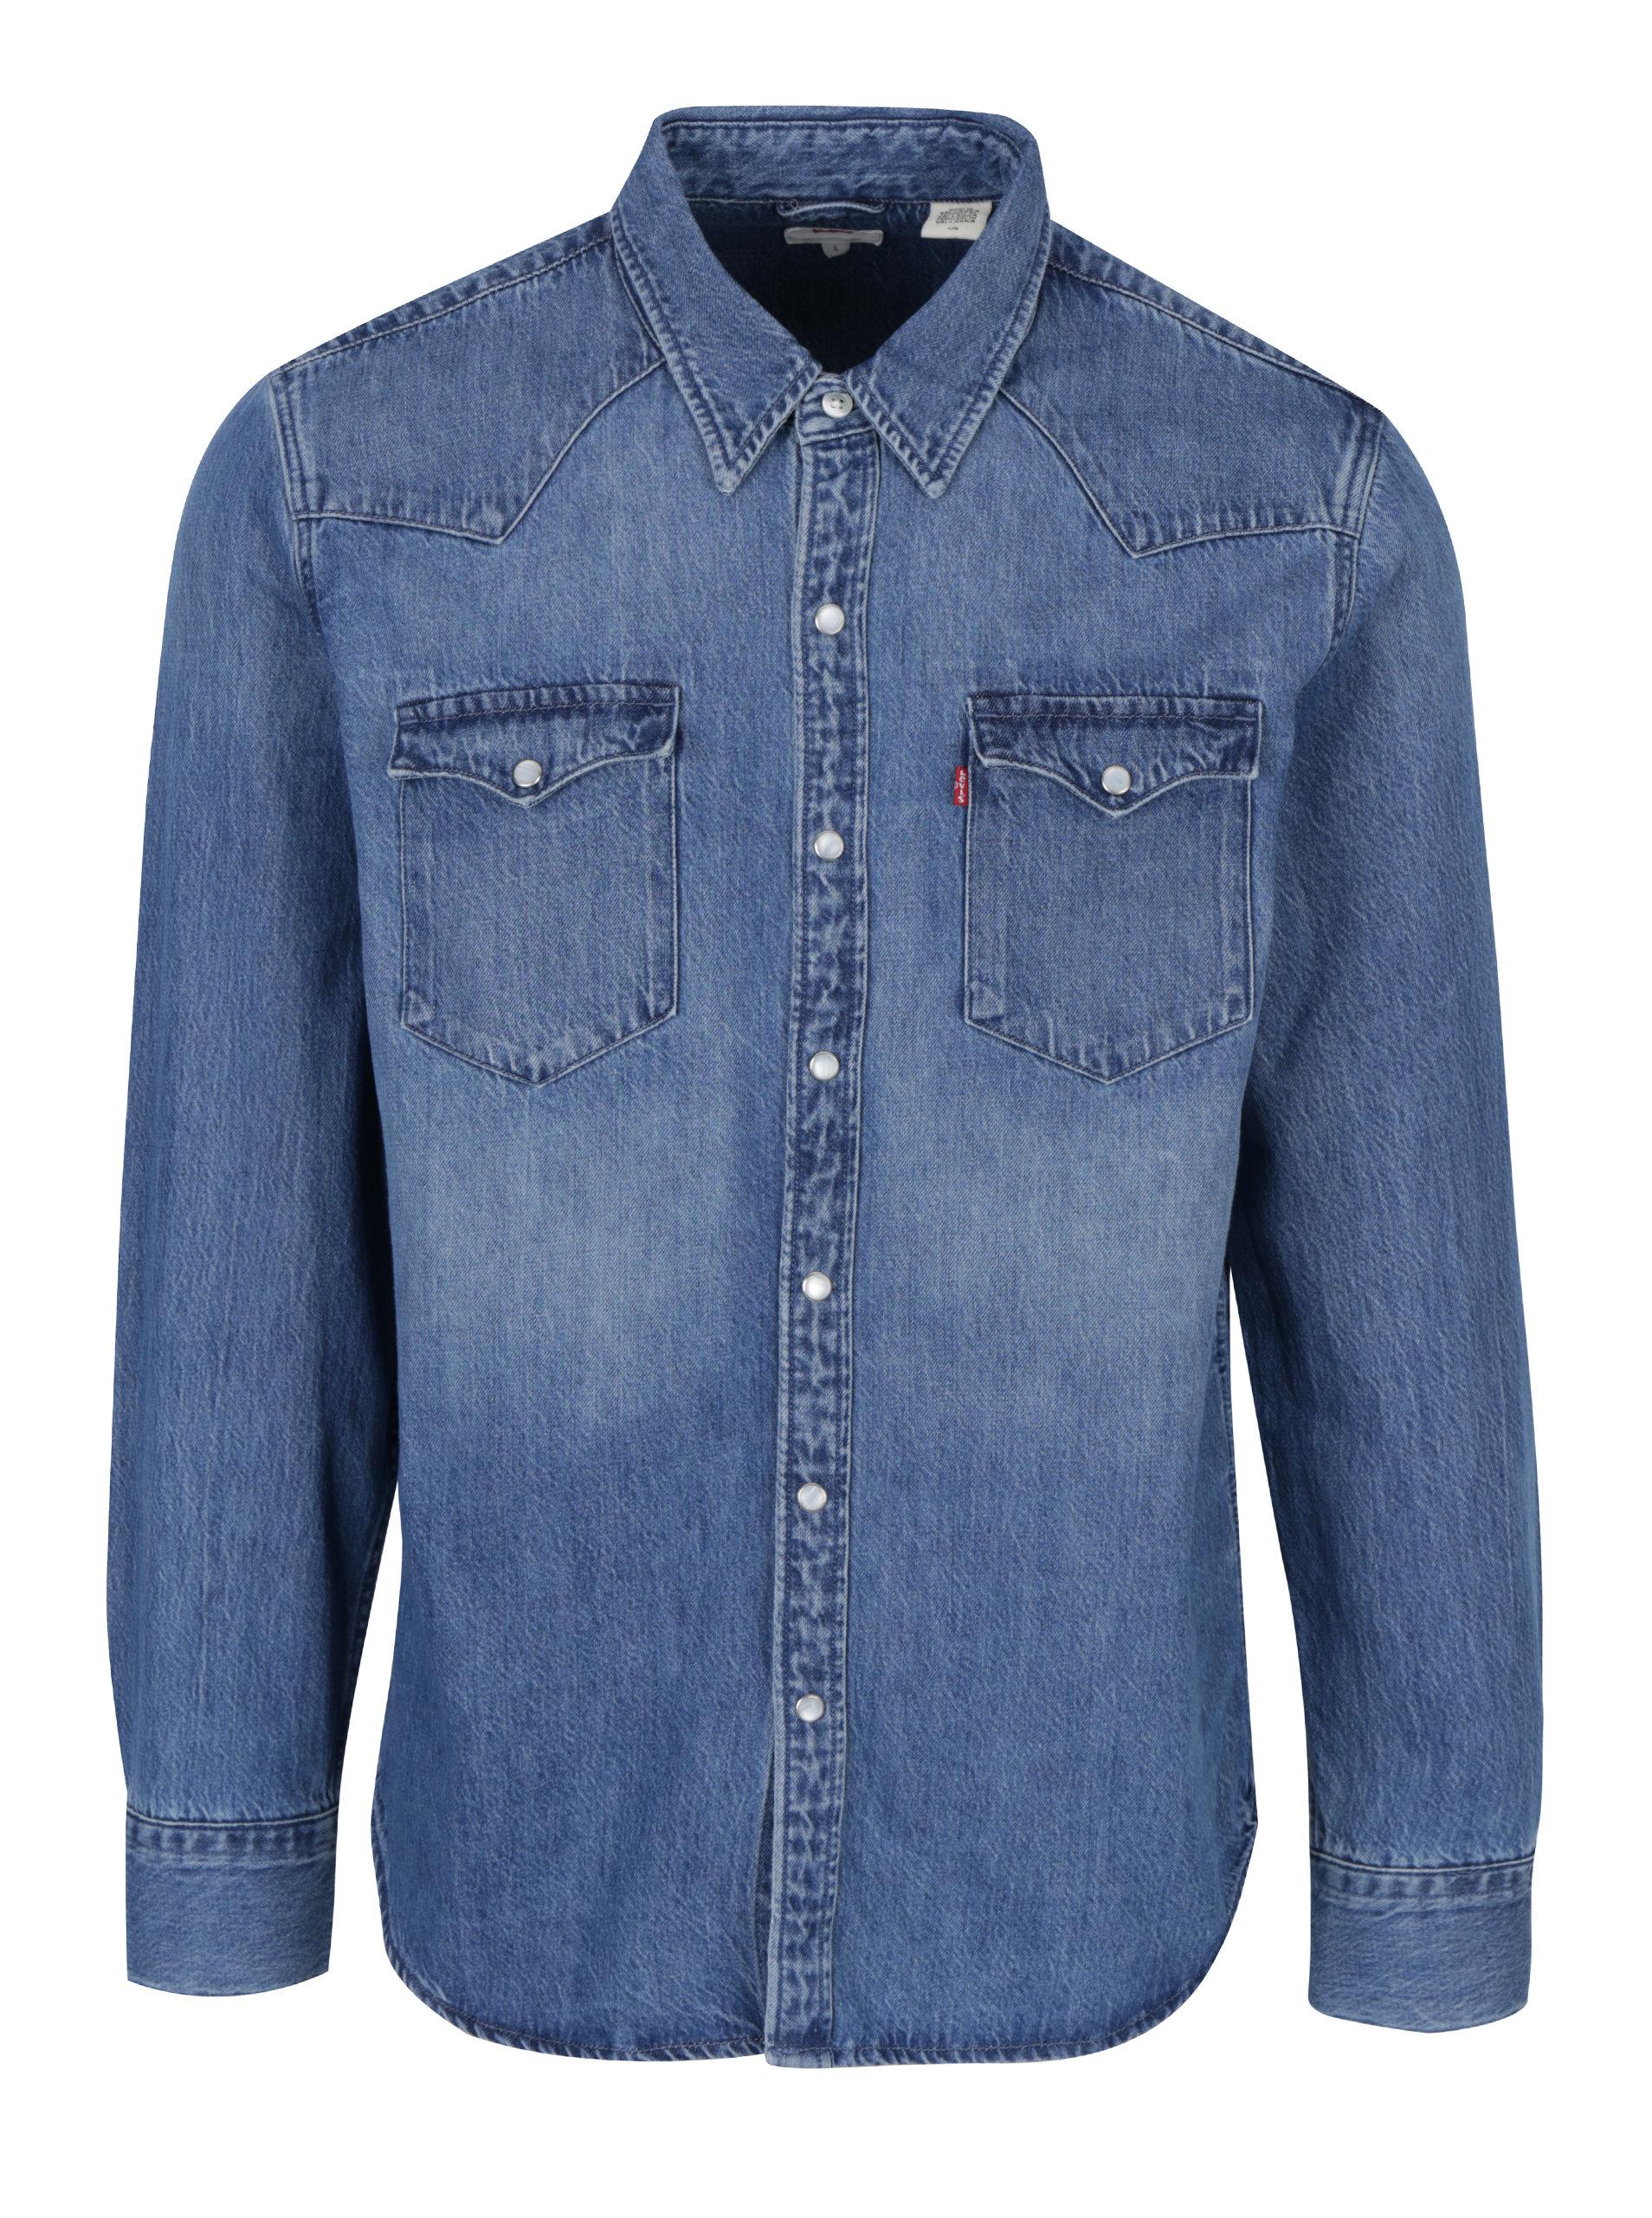 372cea2bbf Svetlomodrá pánska rifľová košeľa Levi s® ...